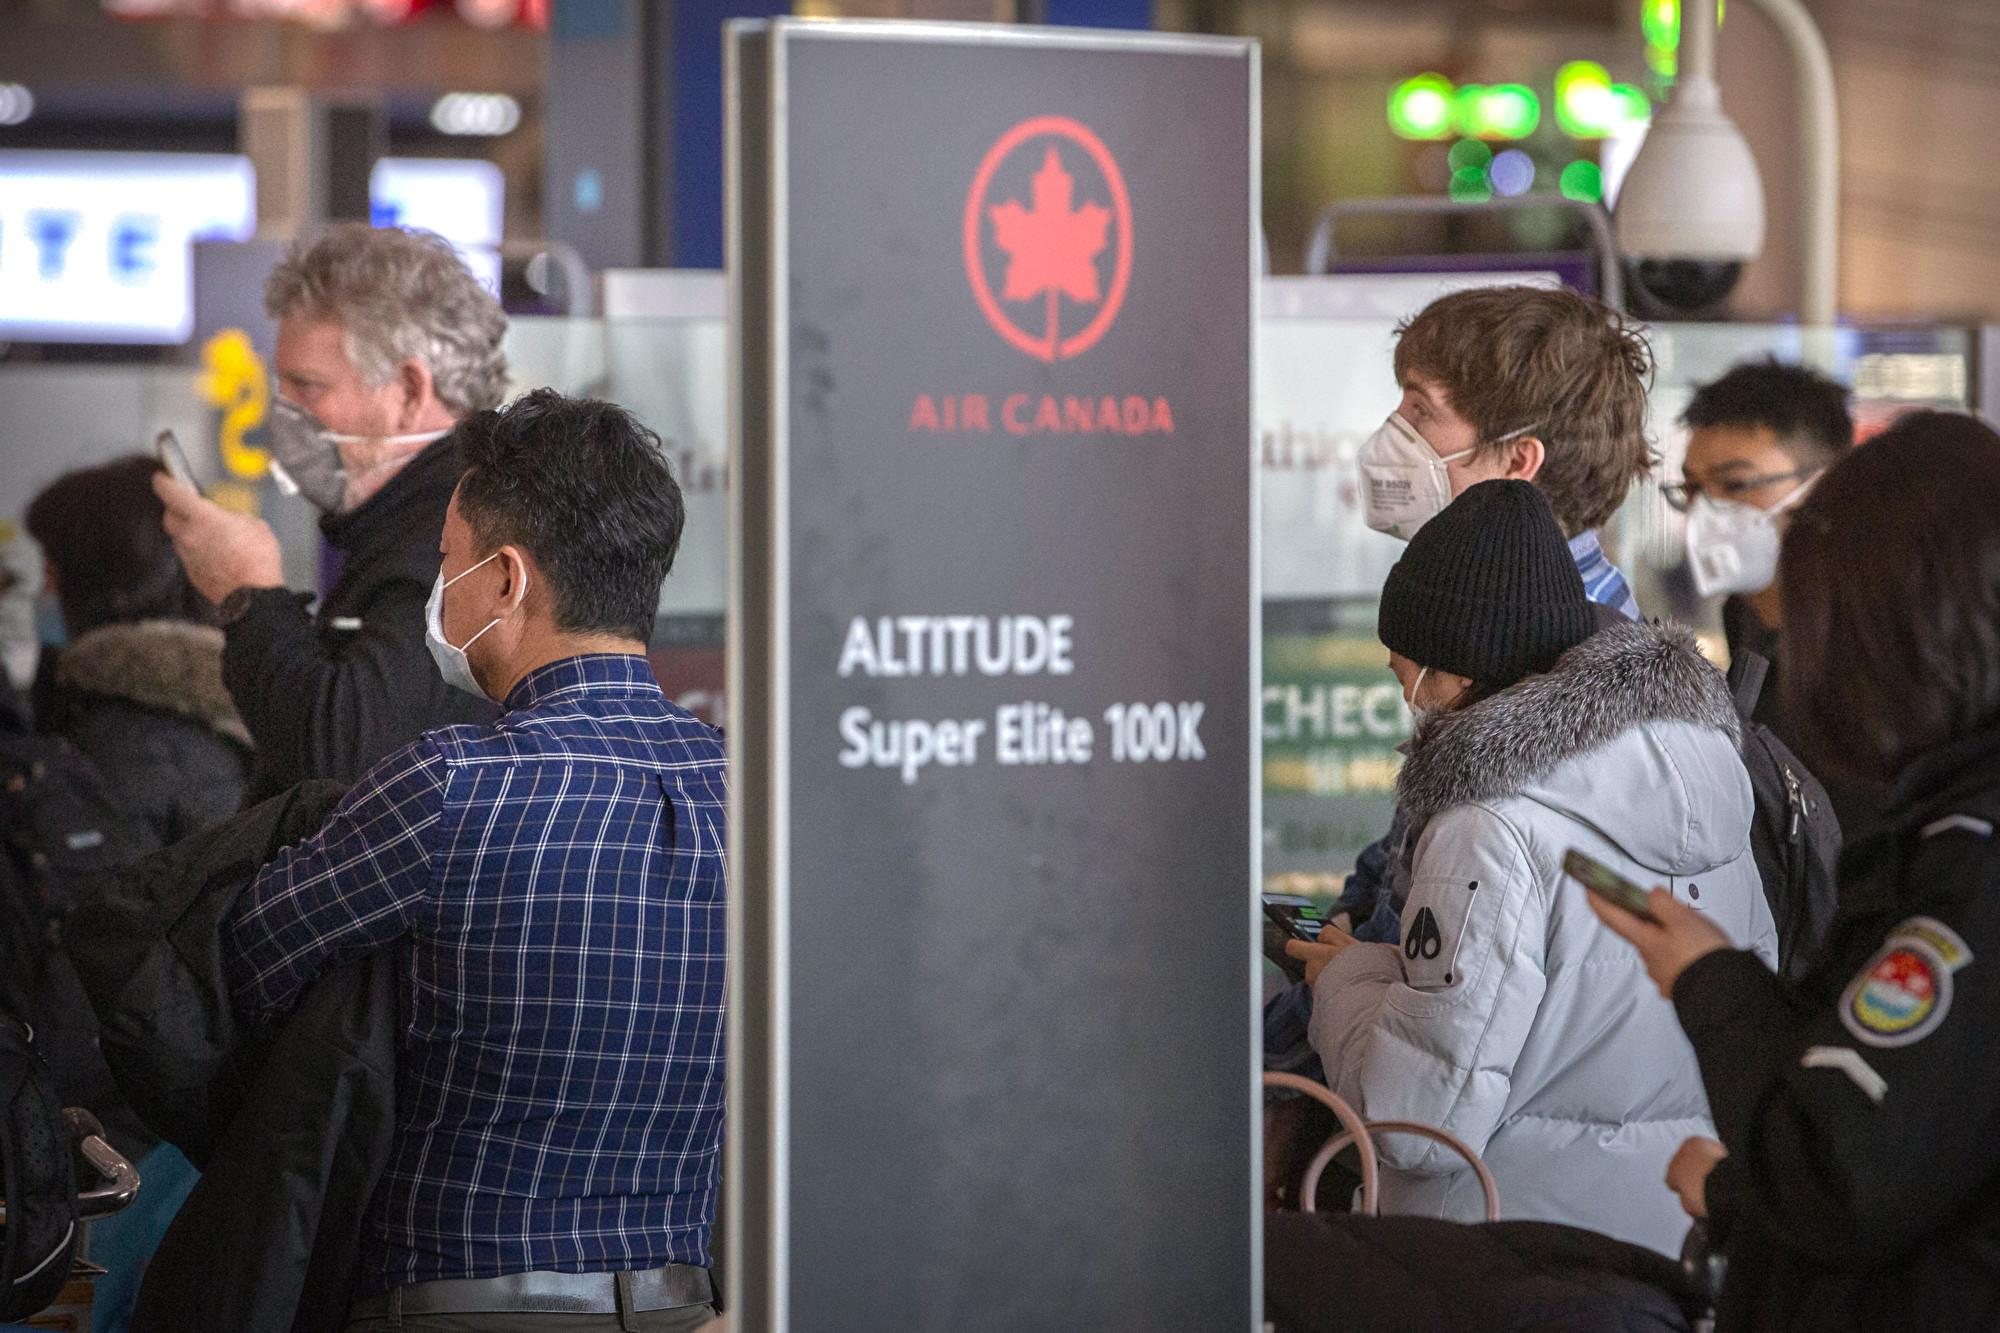 加航飛中國航班暫停 返加航班何時恢復?